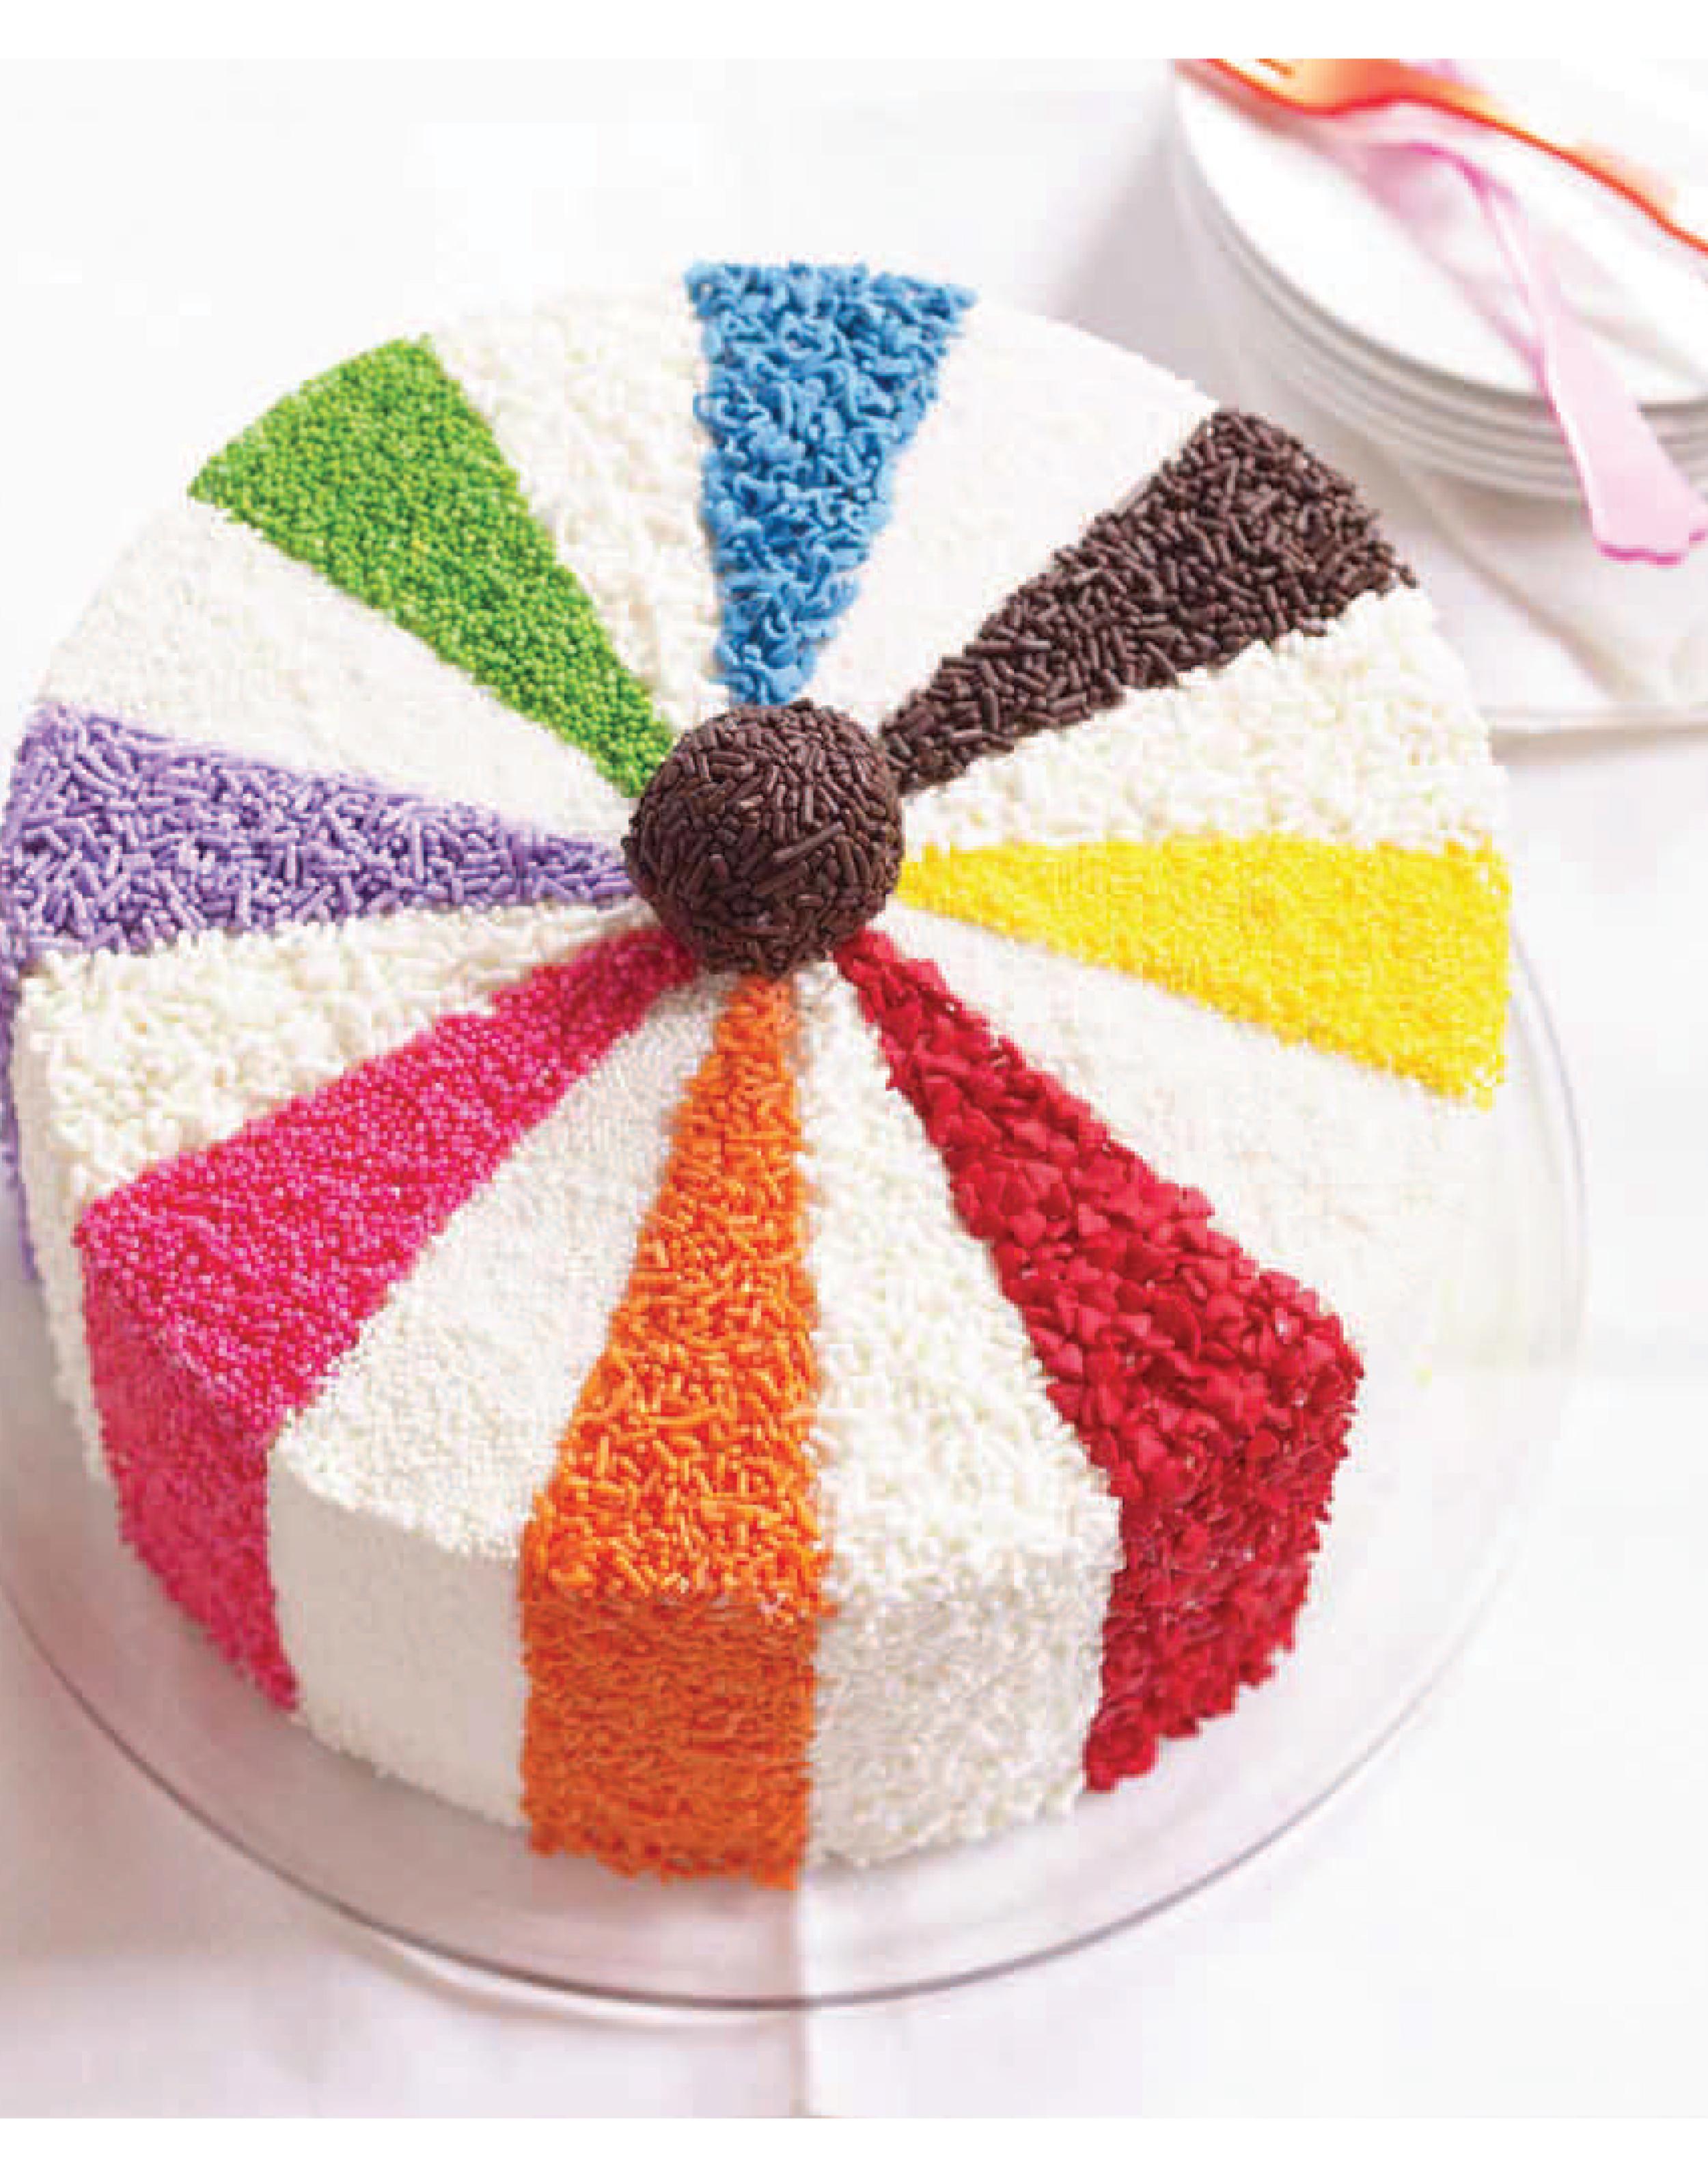 Pinwheel Cake - Cake My Day-1.jpg